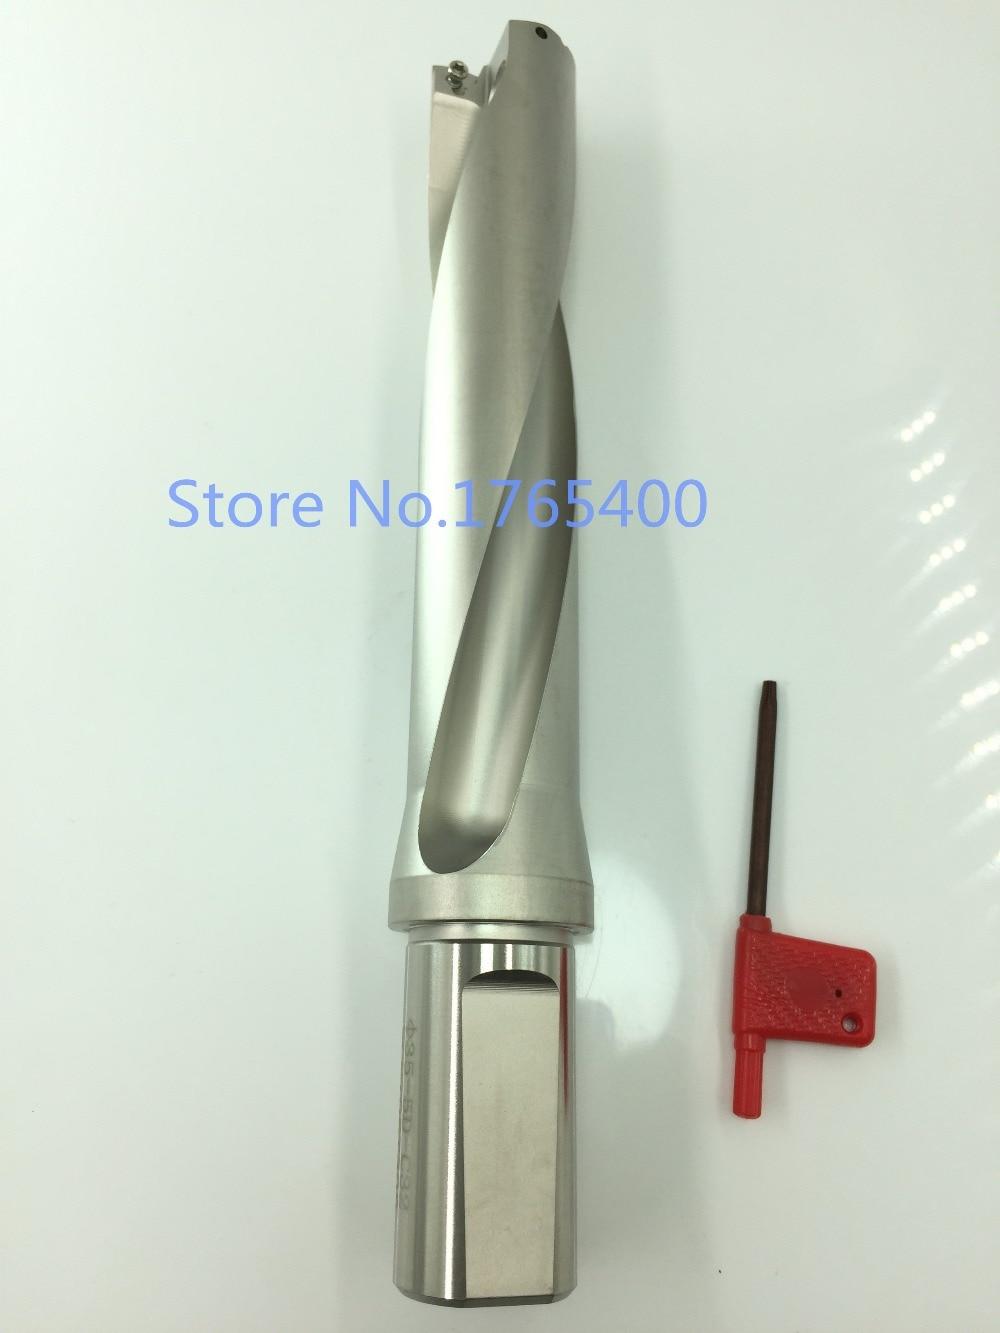 New 1pcs WC SD46-4D-C40-184L  U Drill  for WCMT080412  inserts U Drilling indexable drill bit tool  New 1pcs WC SD46-4D-C40-184L  U Drill  for WCMT080412  inserts U Drilling indexable drill bit tool